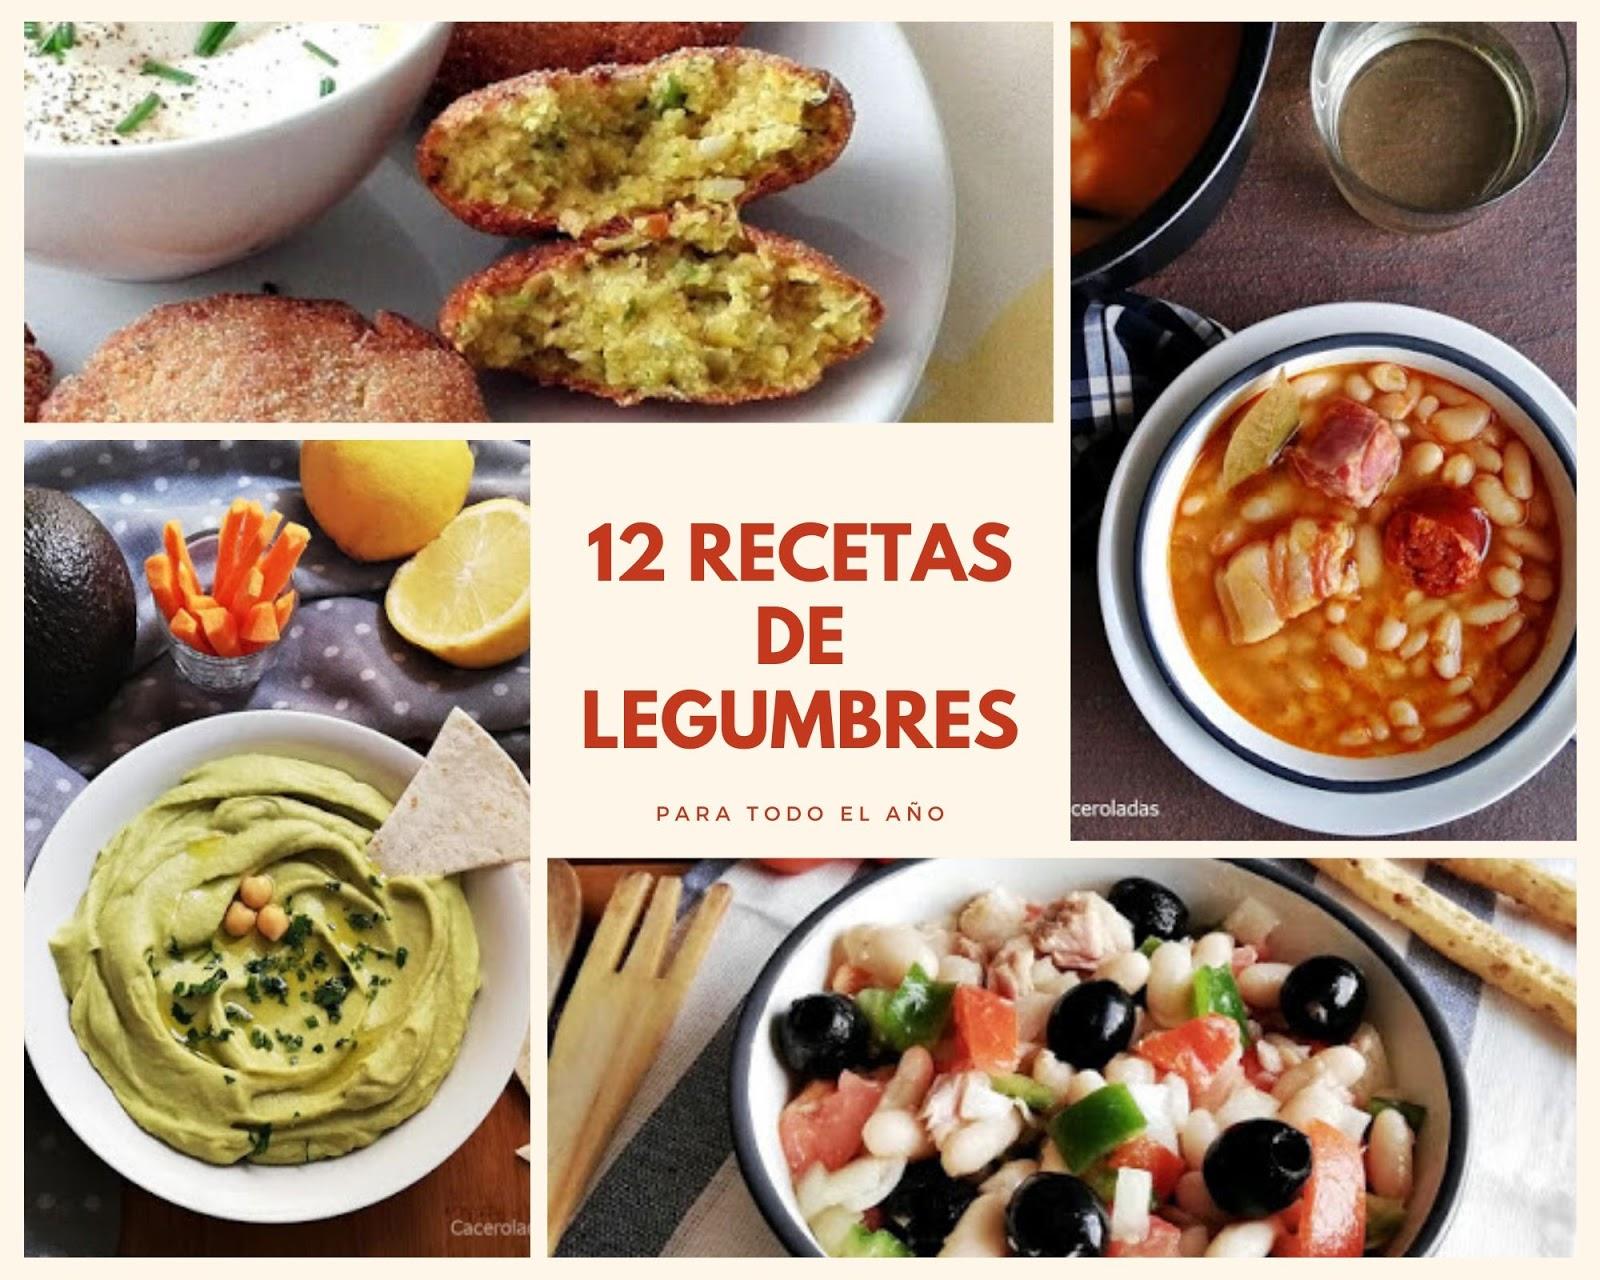 12 recetas de legumbres